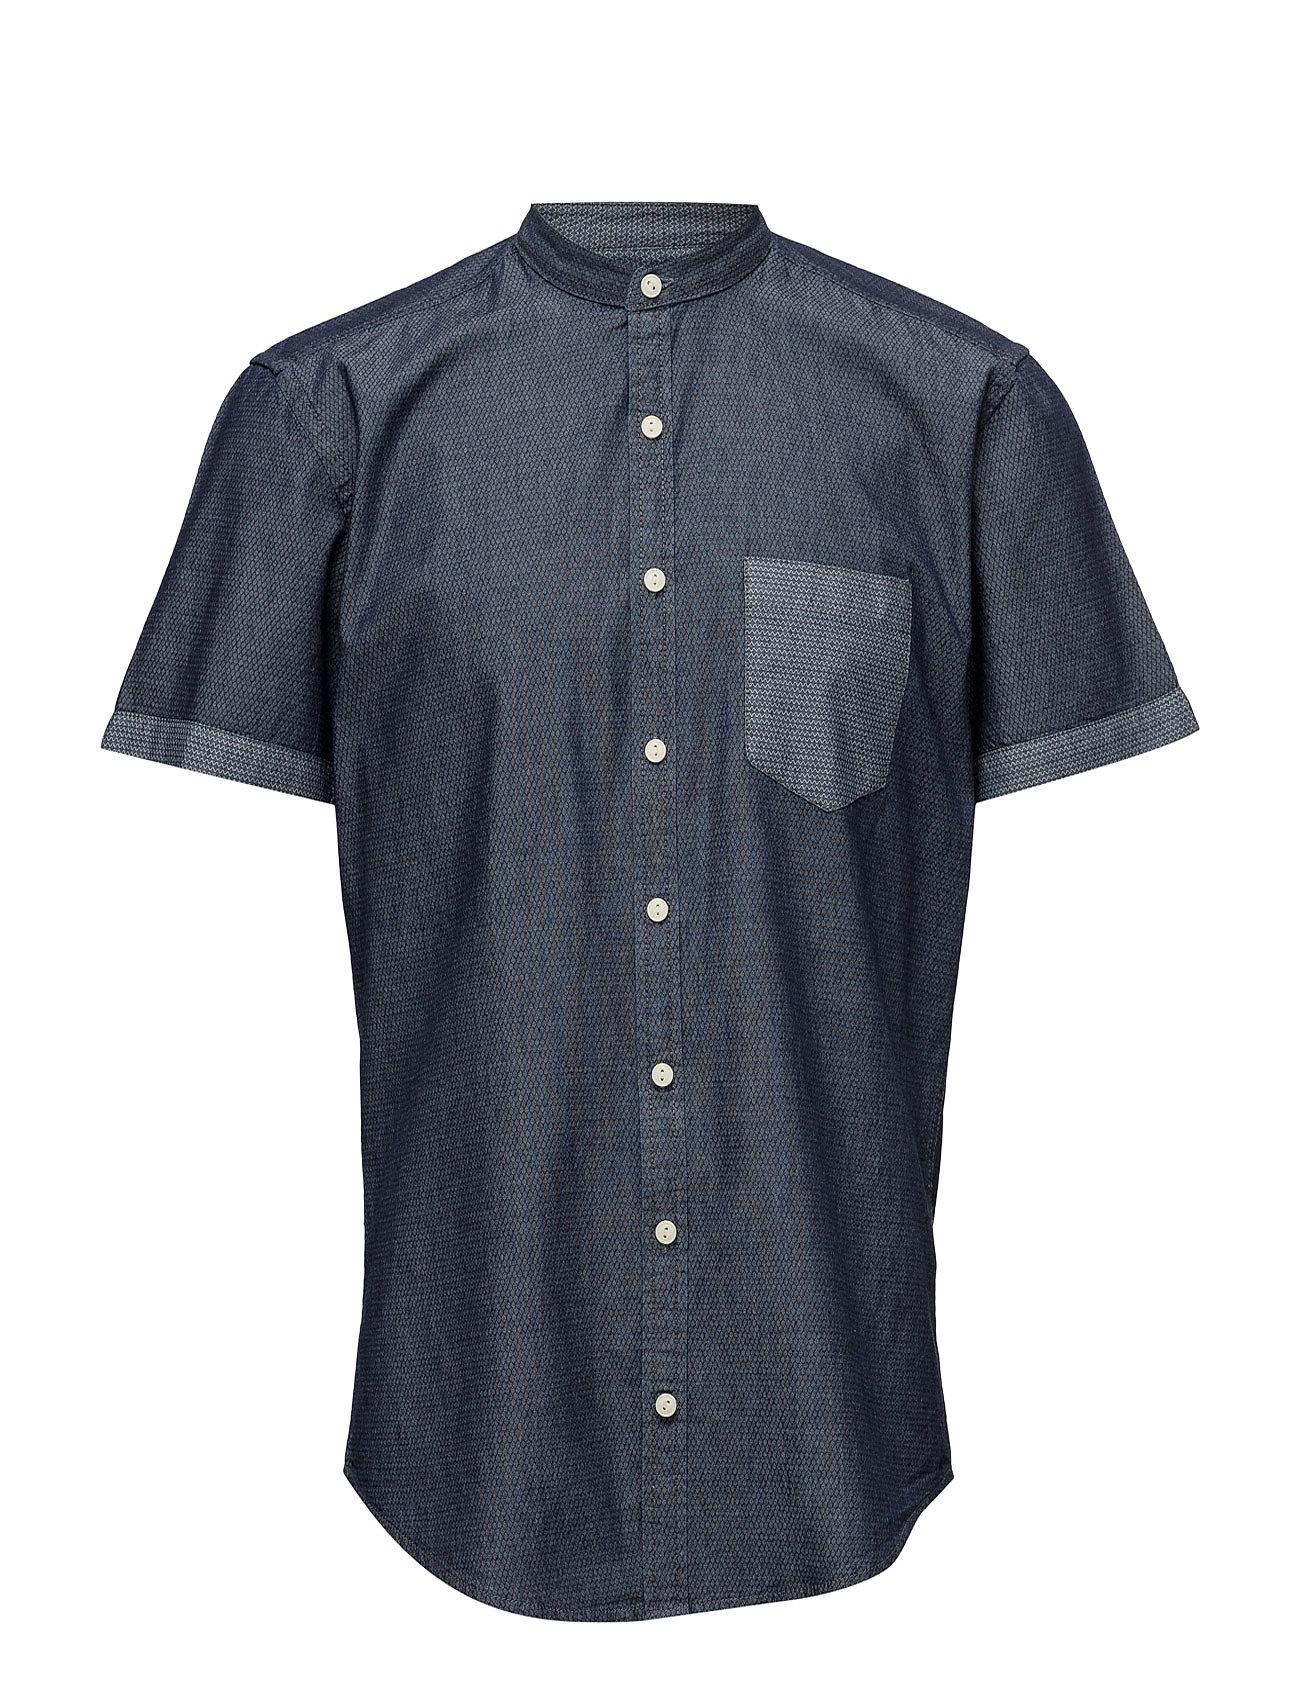 Printed Chambray Shirt S/S Lindbergh Kortærmede til Herrer i